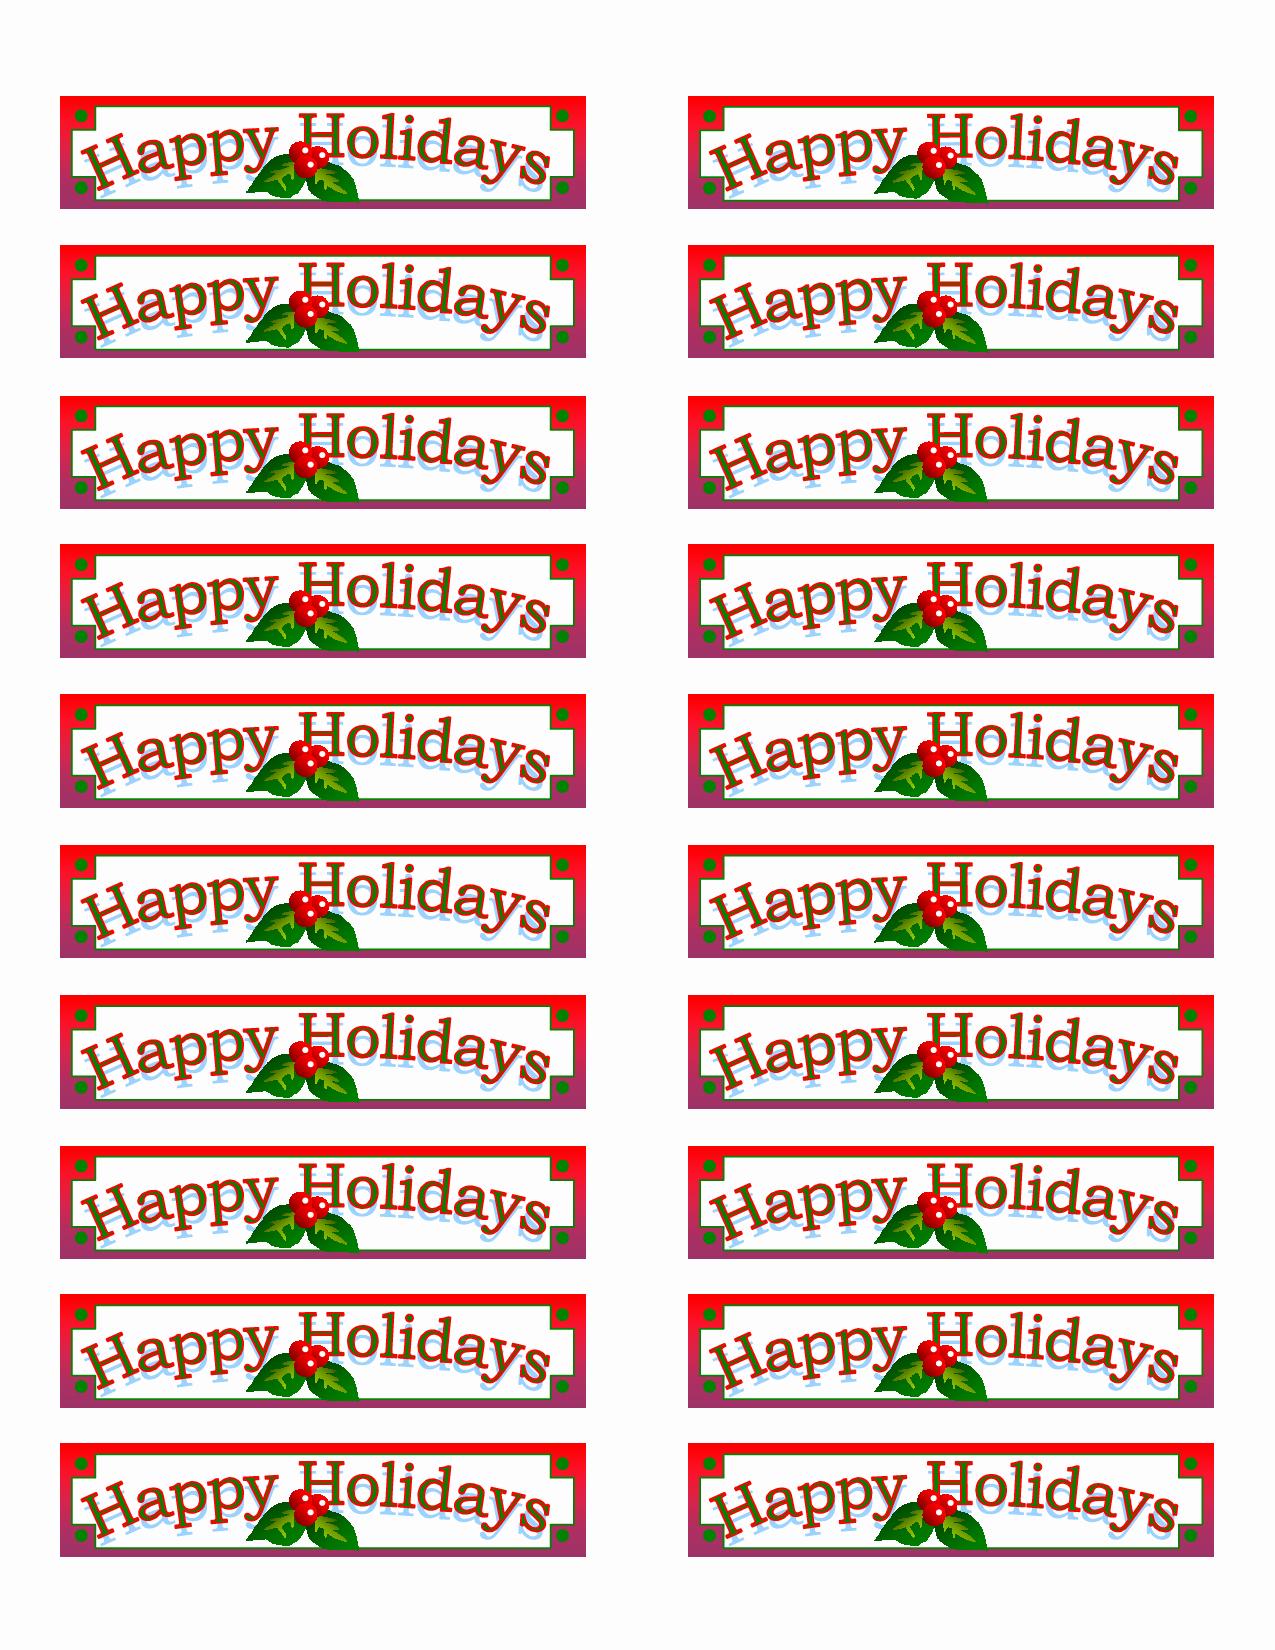 Avery Holiday Return Address Labels Beautiful Christmas Return Address Labels Template Avery 5160 top